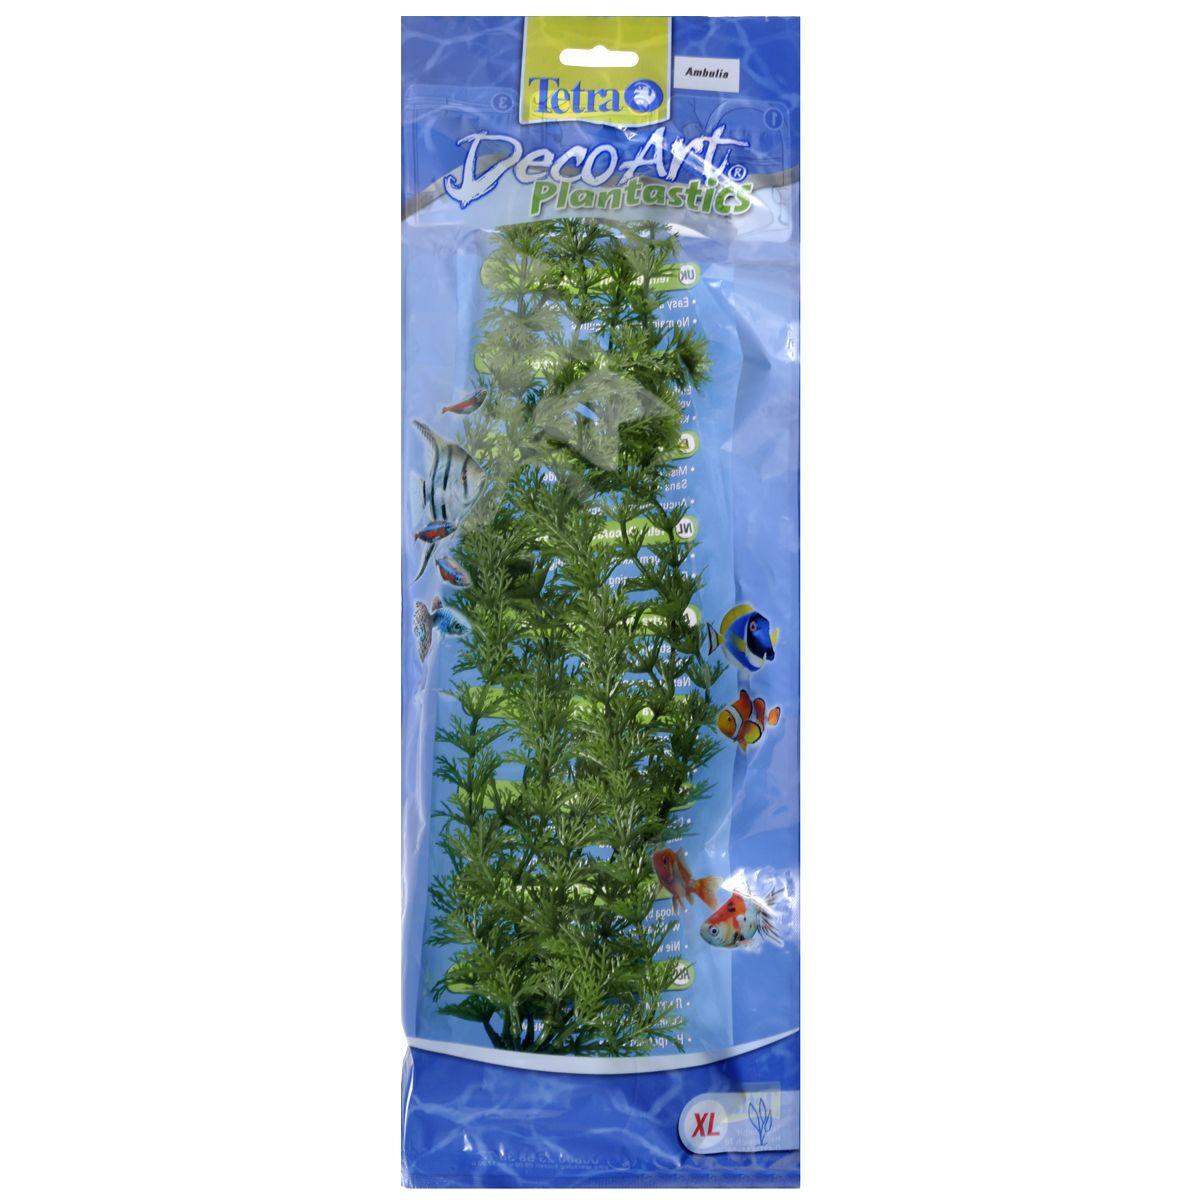 Растение искусственное Tetra Plantastics Амбулия, зеленый, XL, 38 см